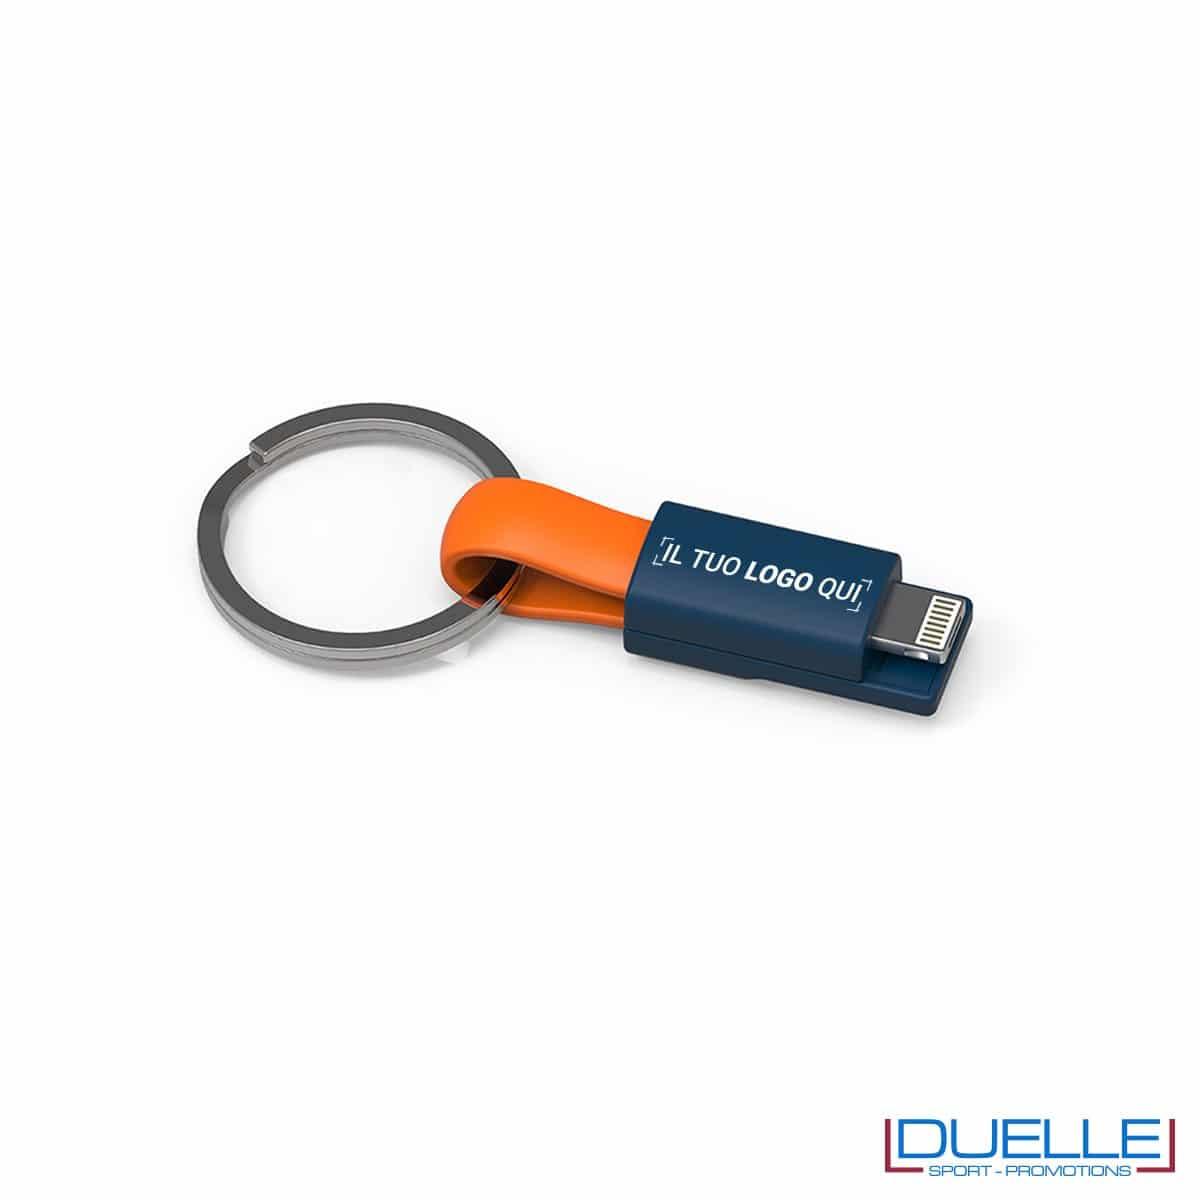 Cavo lighting e cavo micro USB personalizzati con porta chiavi online